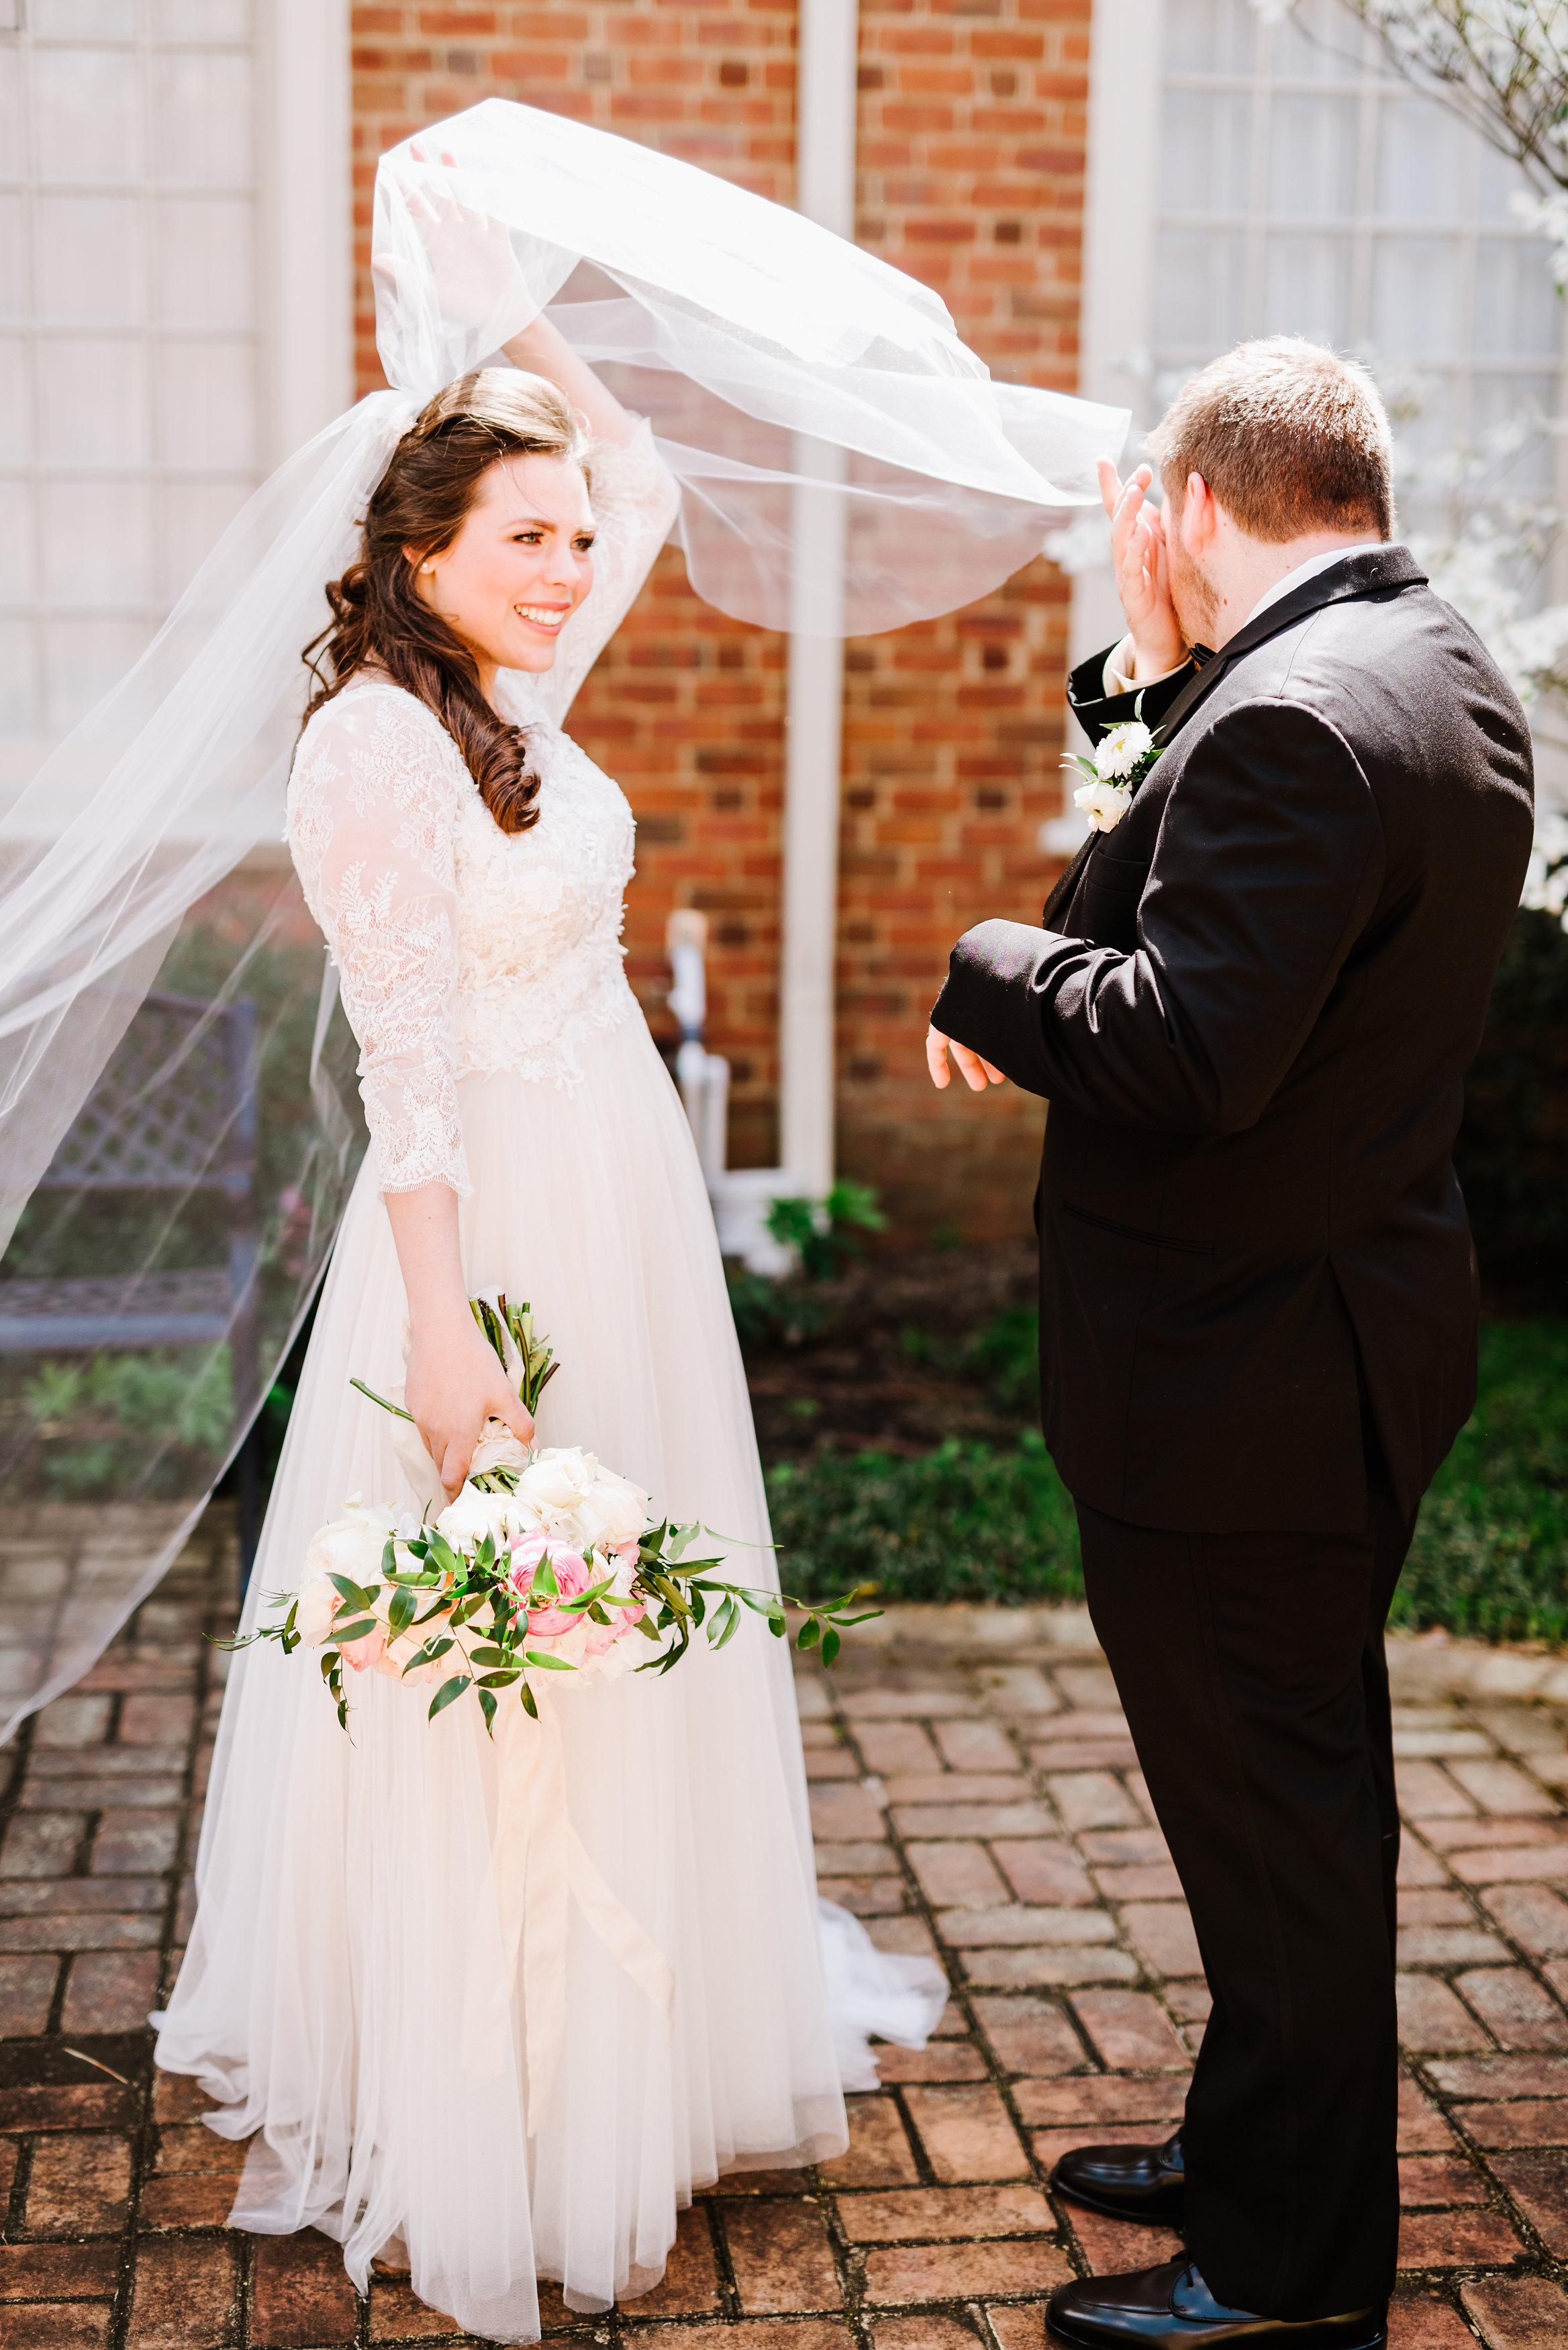 tylar-seth-wedding-75.jpg